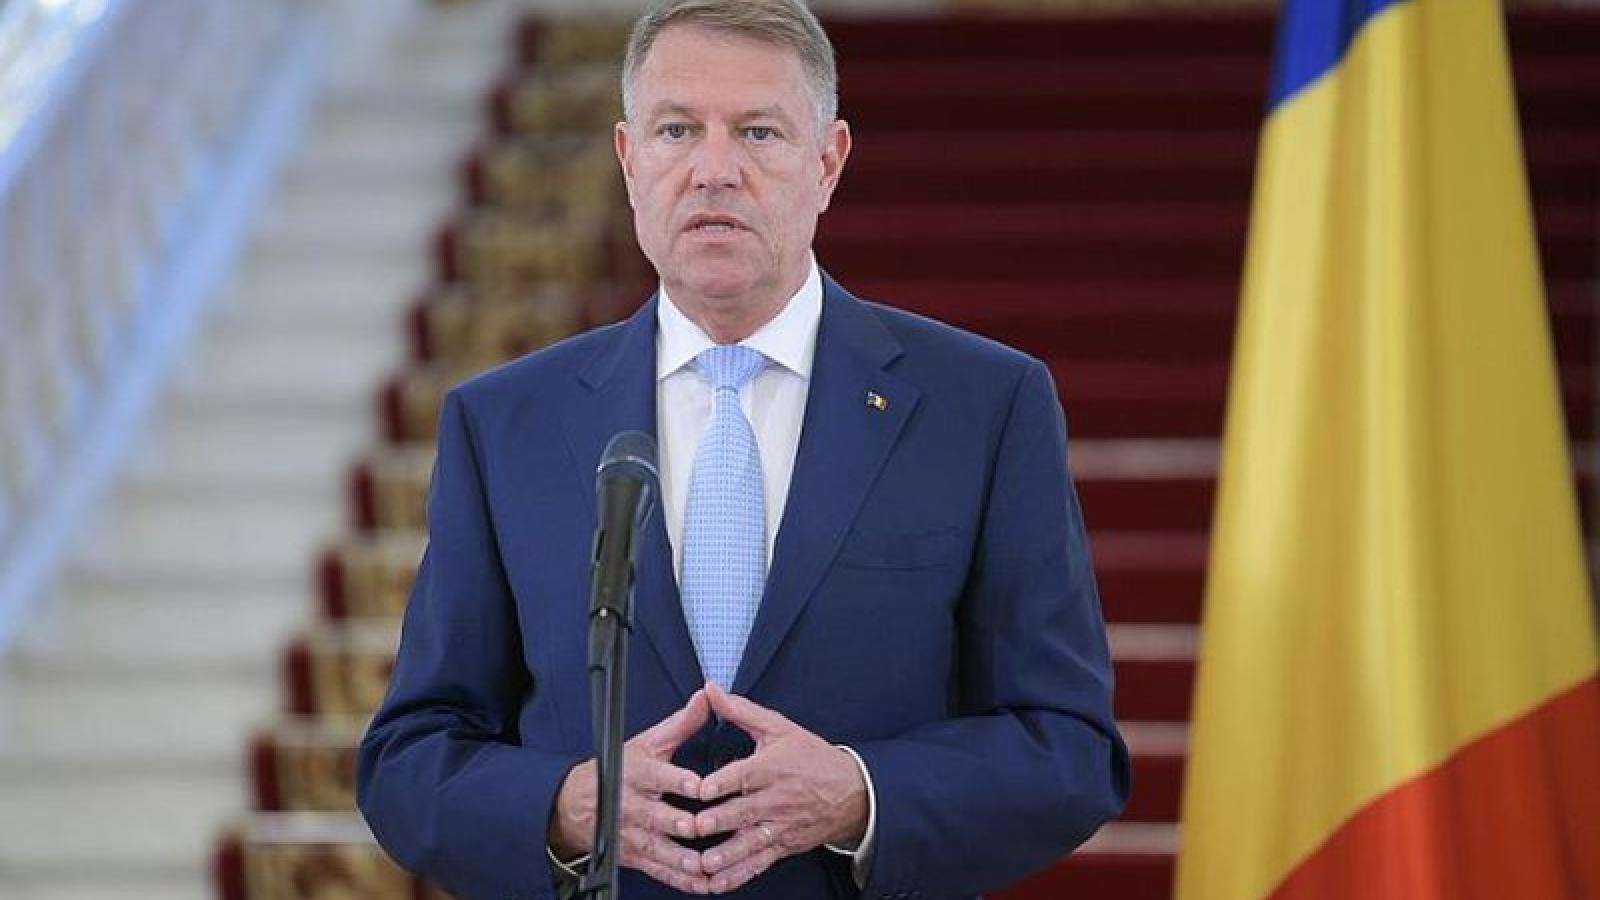 Romania kéo dài tình trạng khẩn cấp quốc gia thêm 1 tháng